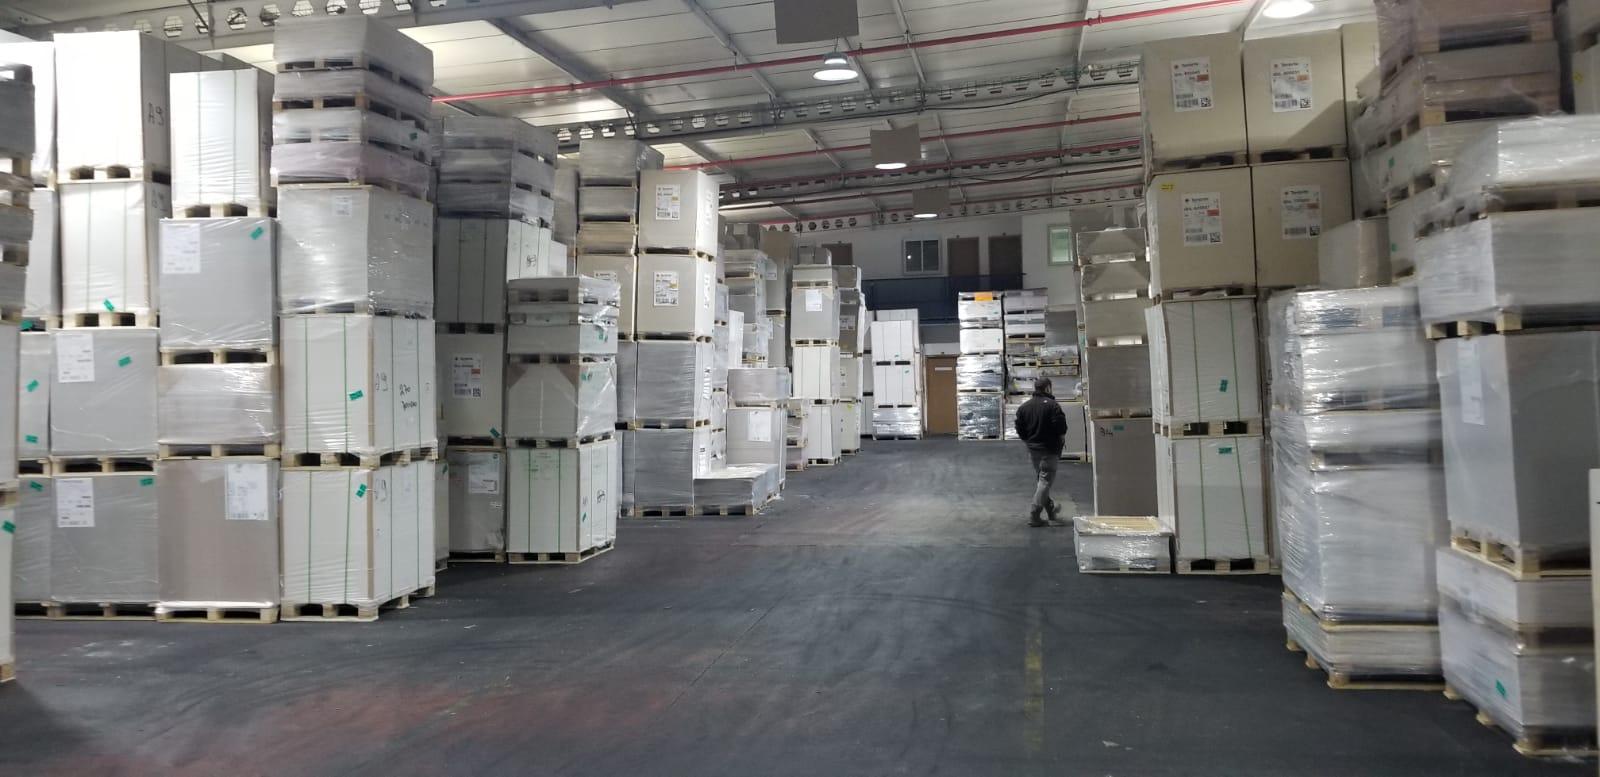 מבנה תעשייה להשכרה בראשון לציון ,המבנה מיועד לשימוש כמחסן ,ליצור תעשייתי, לבית מלאכה או מסחר. השטח ניתן גם לחלוקה.